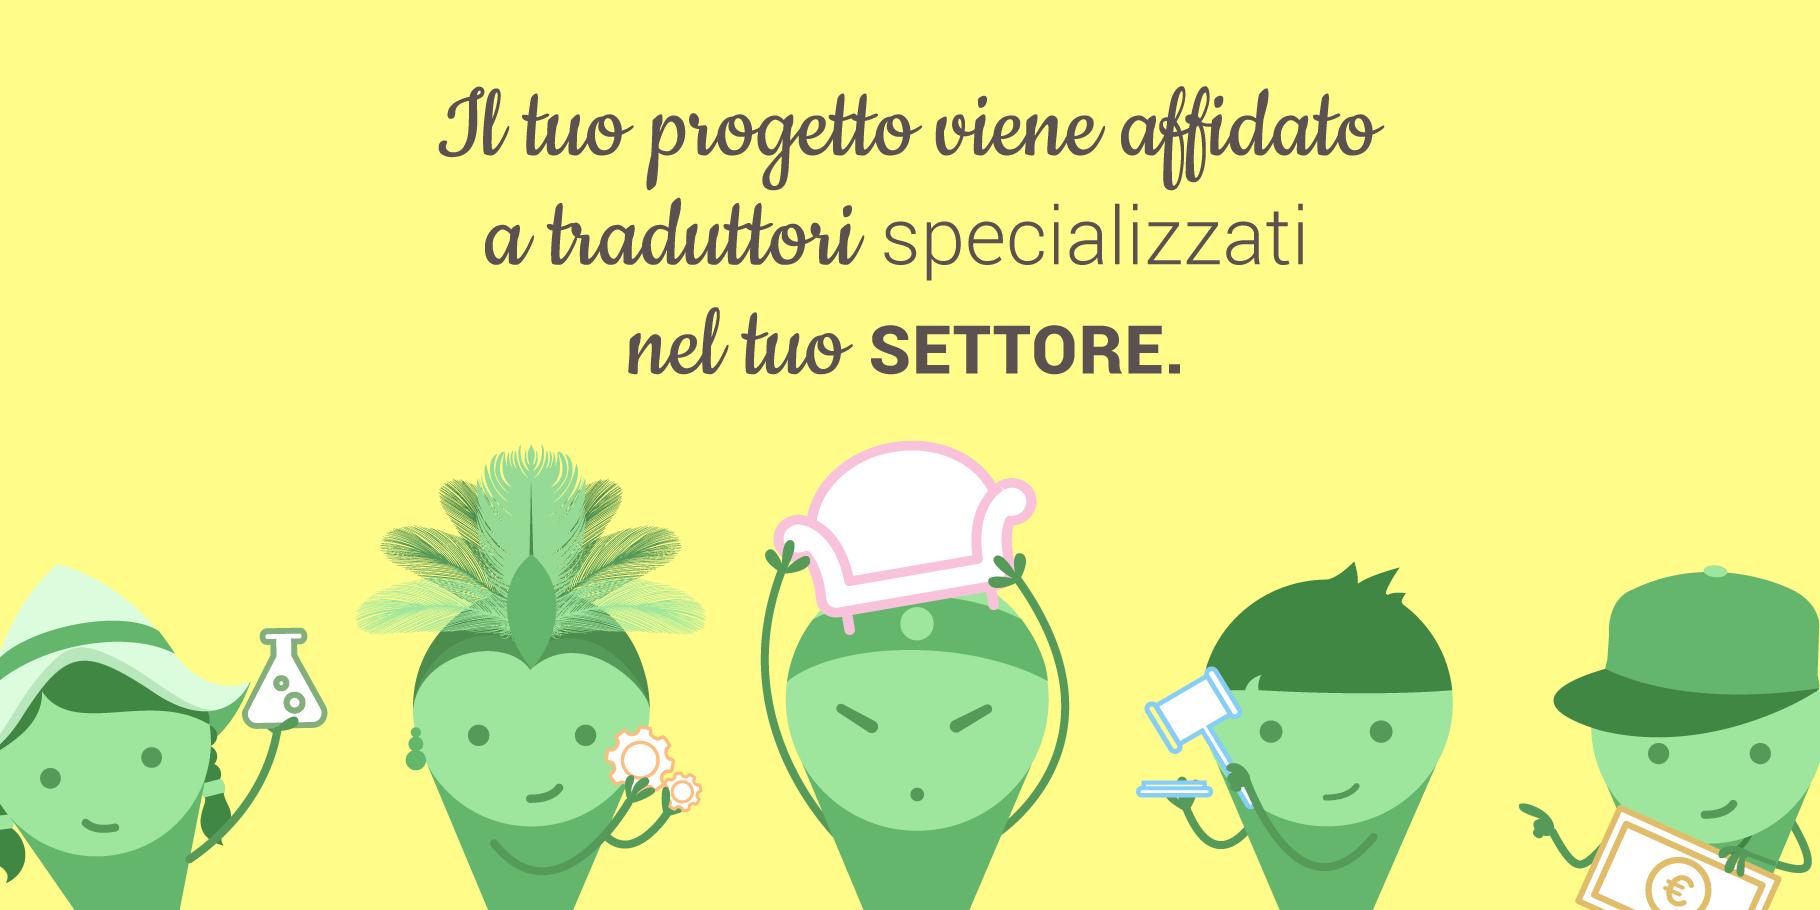 4LO_Slider_TraduzioniLOcalizzate-03-05